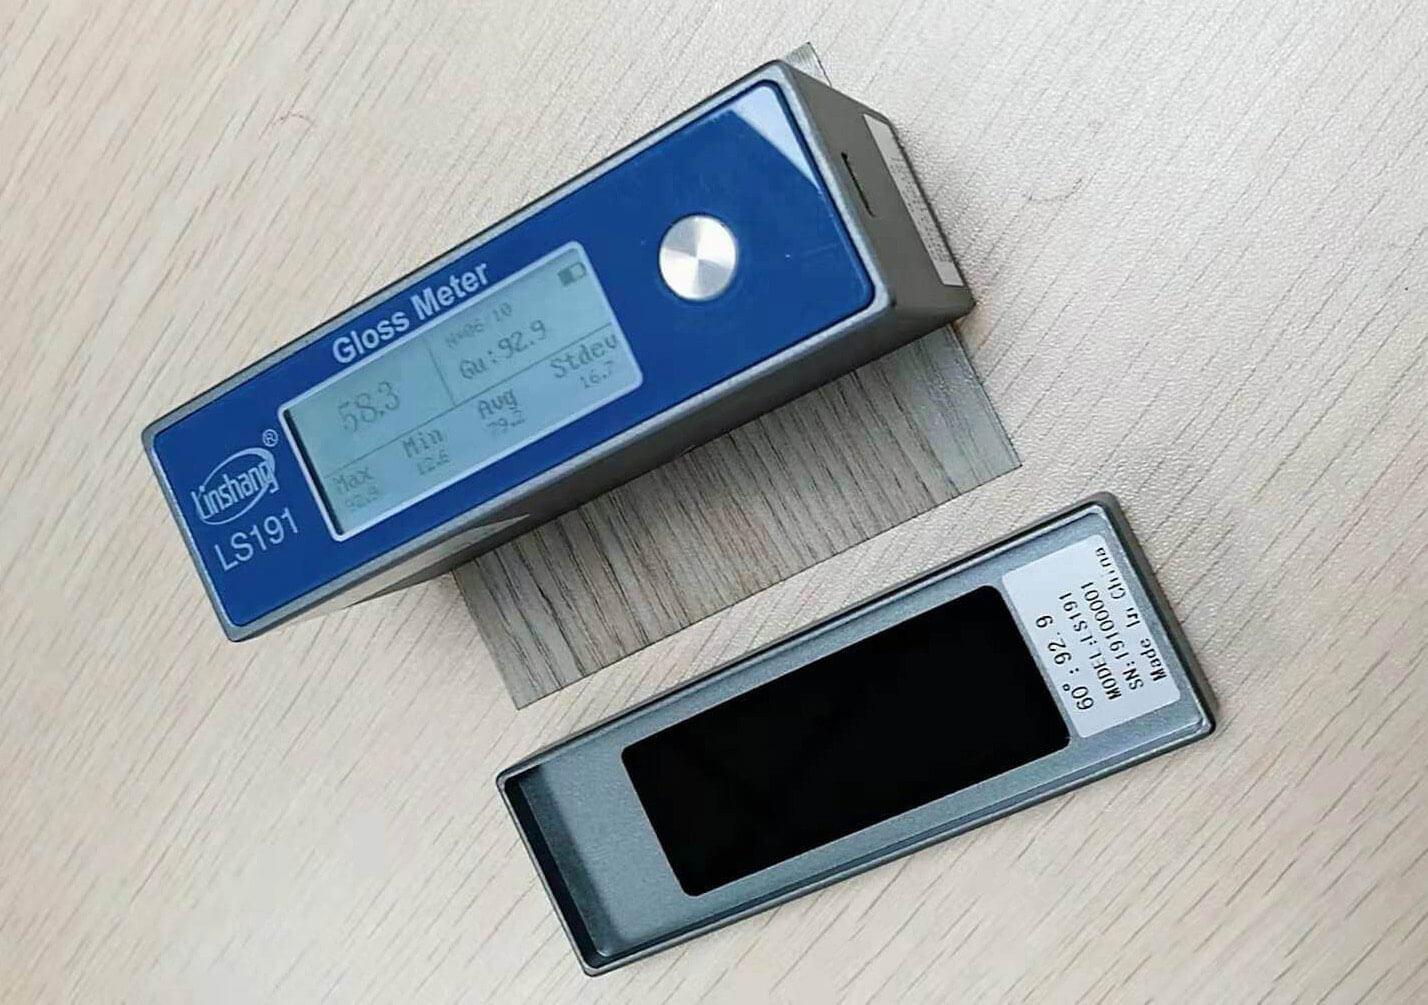 镜像光泽度测试仪